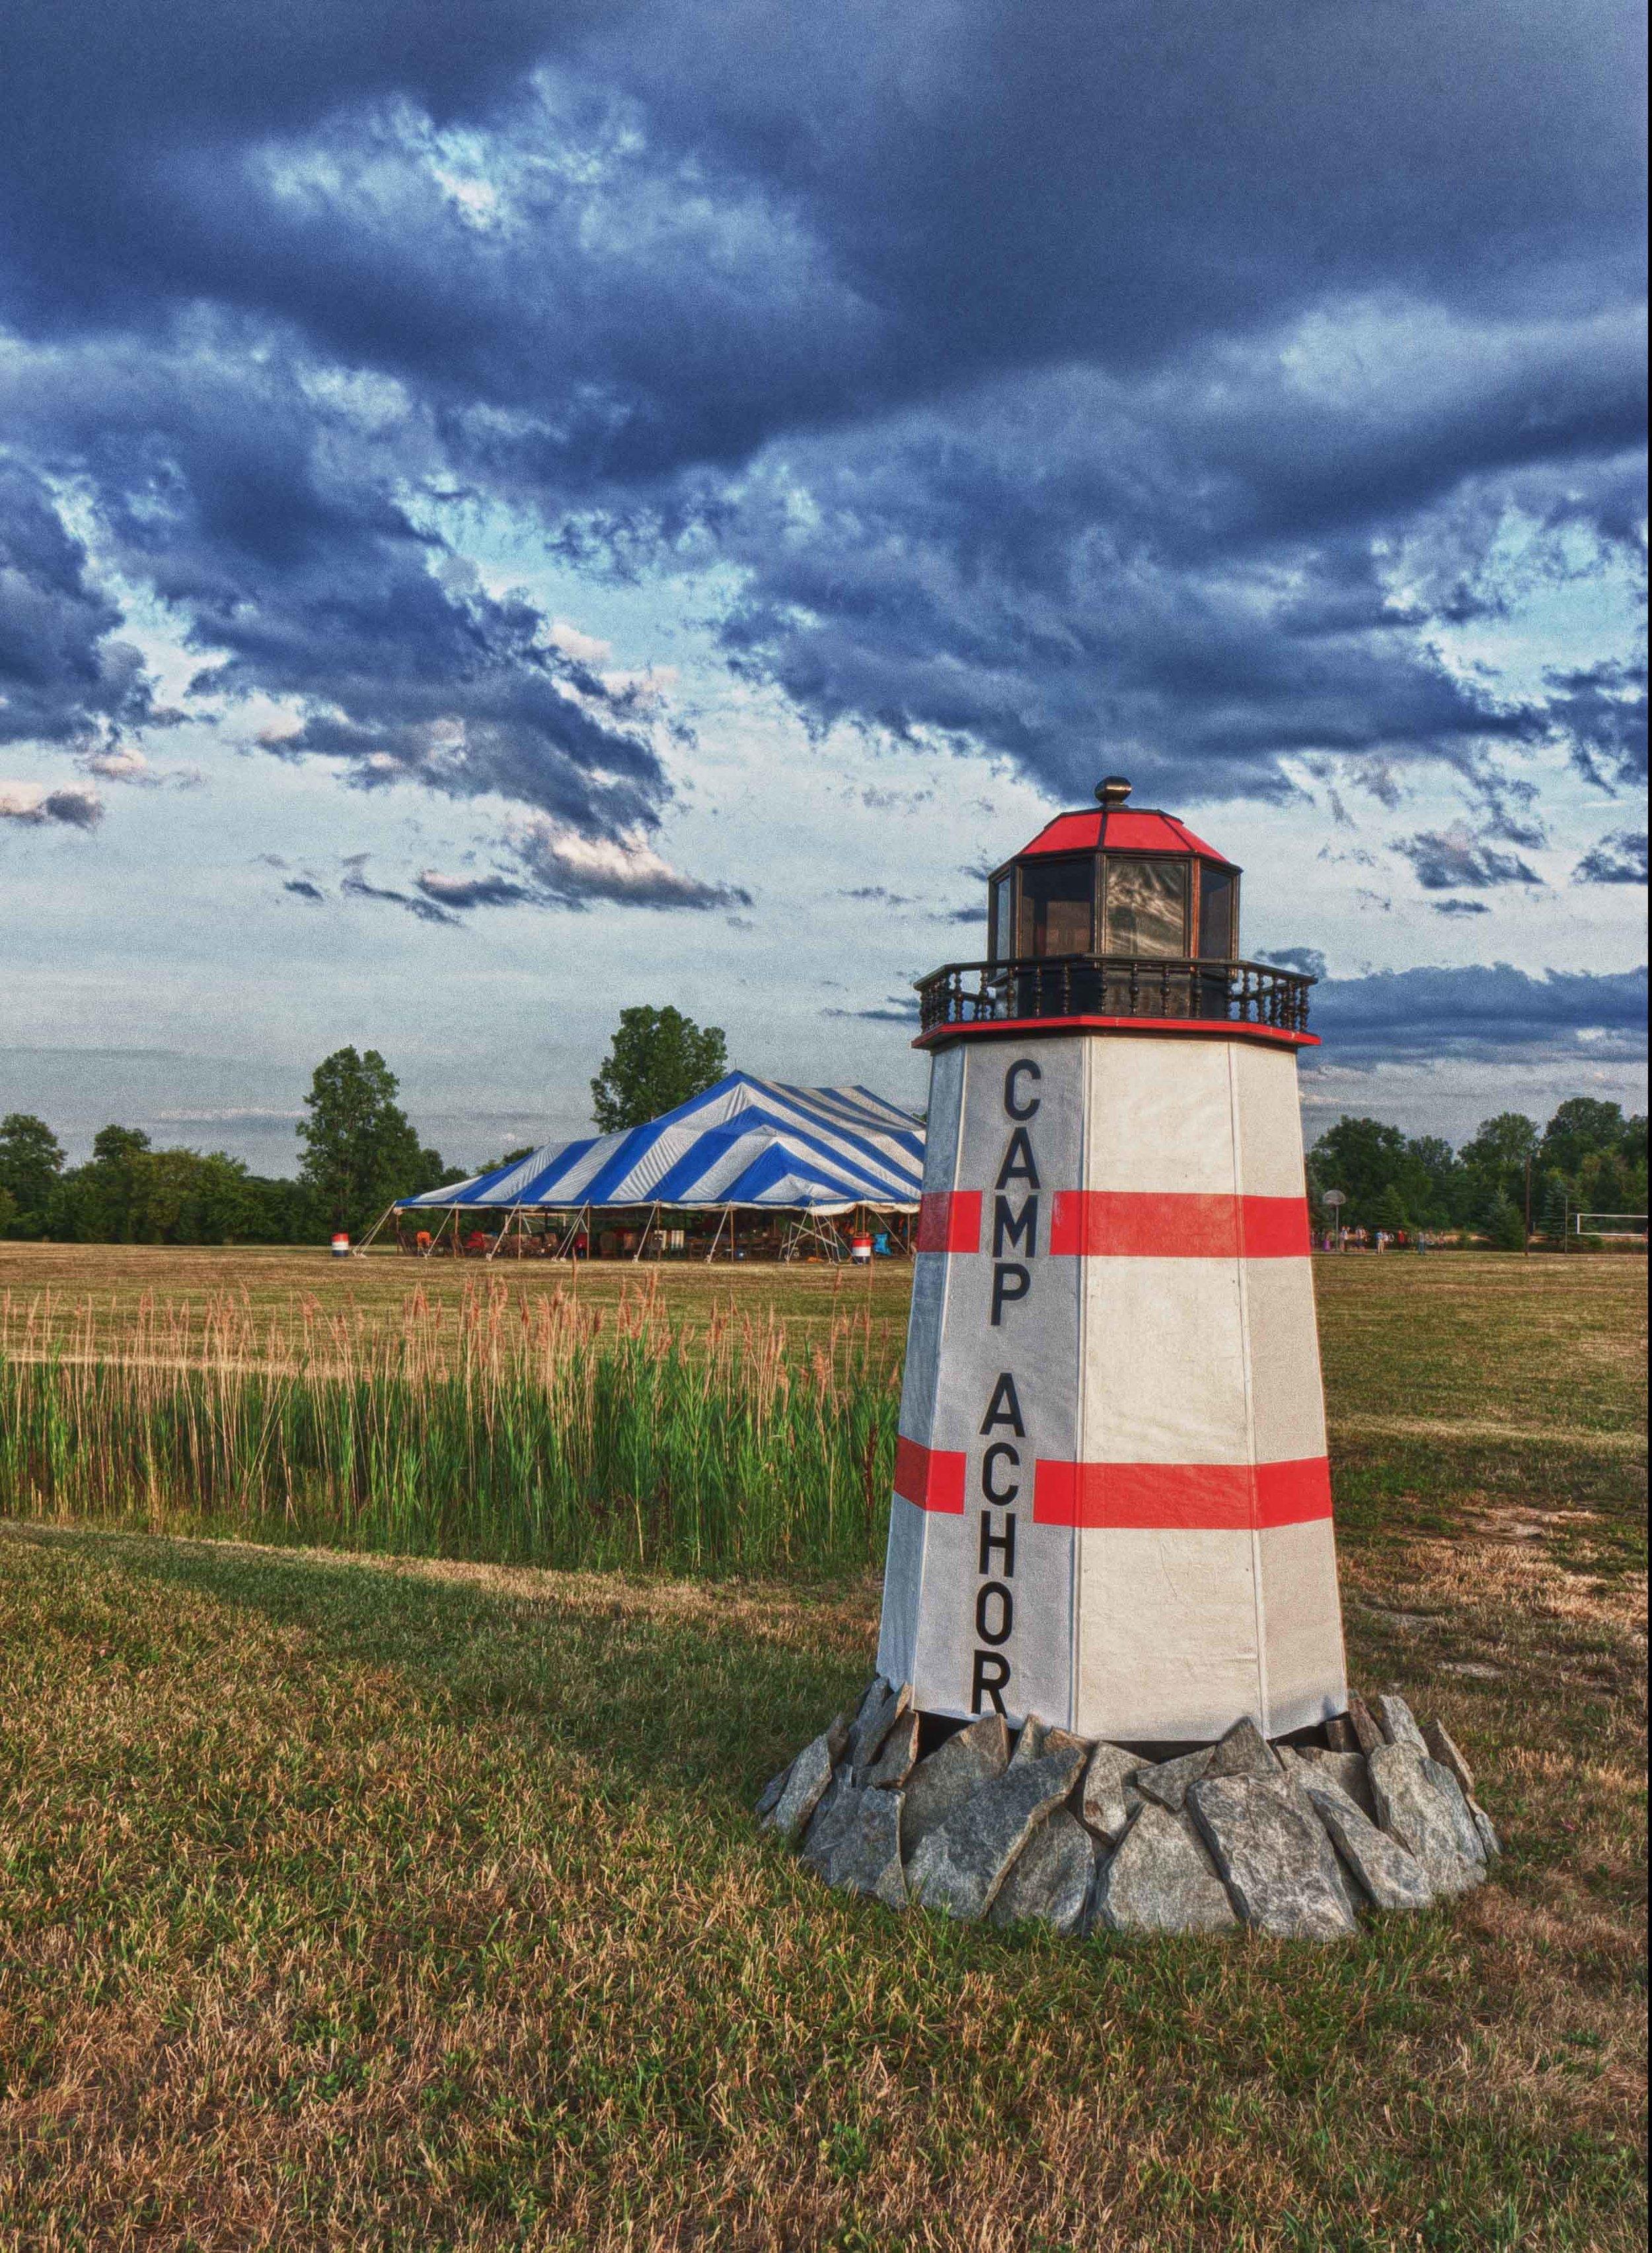 Camp Achor Lighthouse, 2012